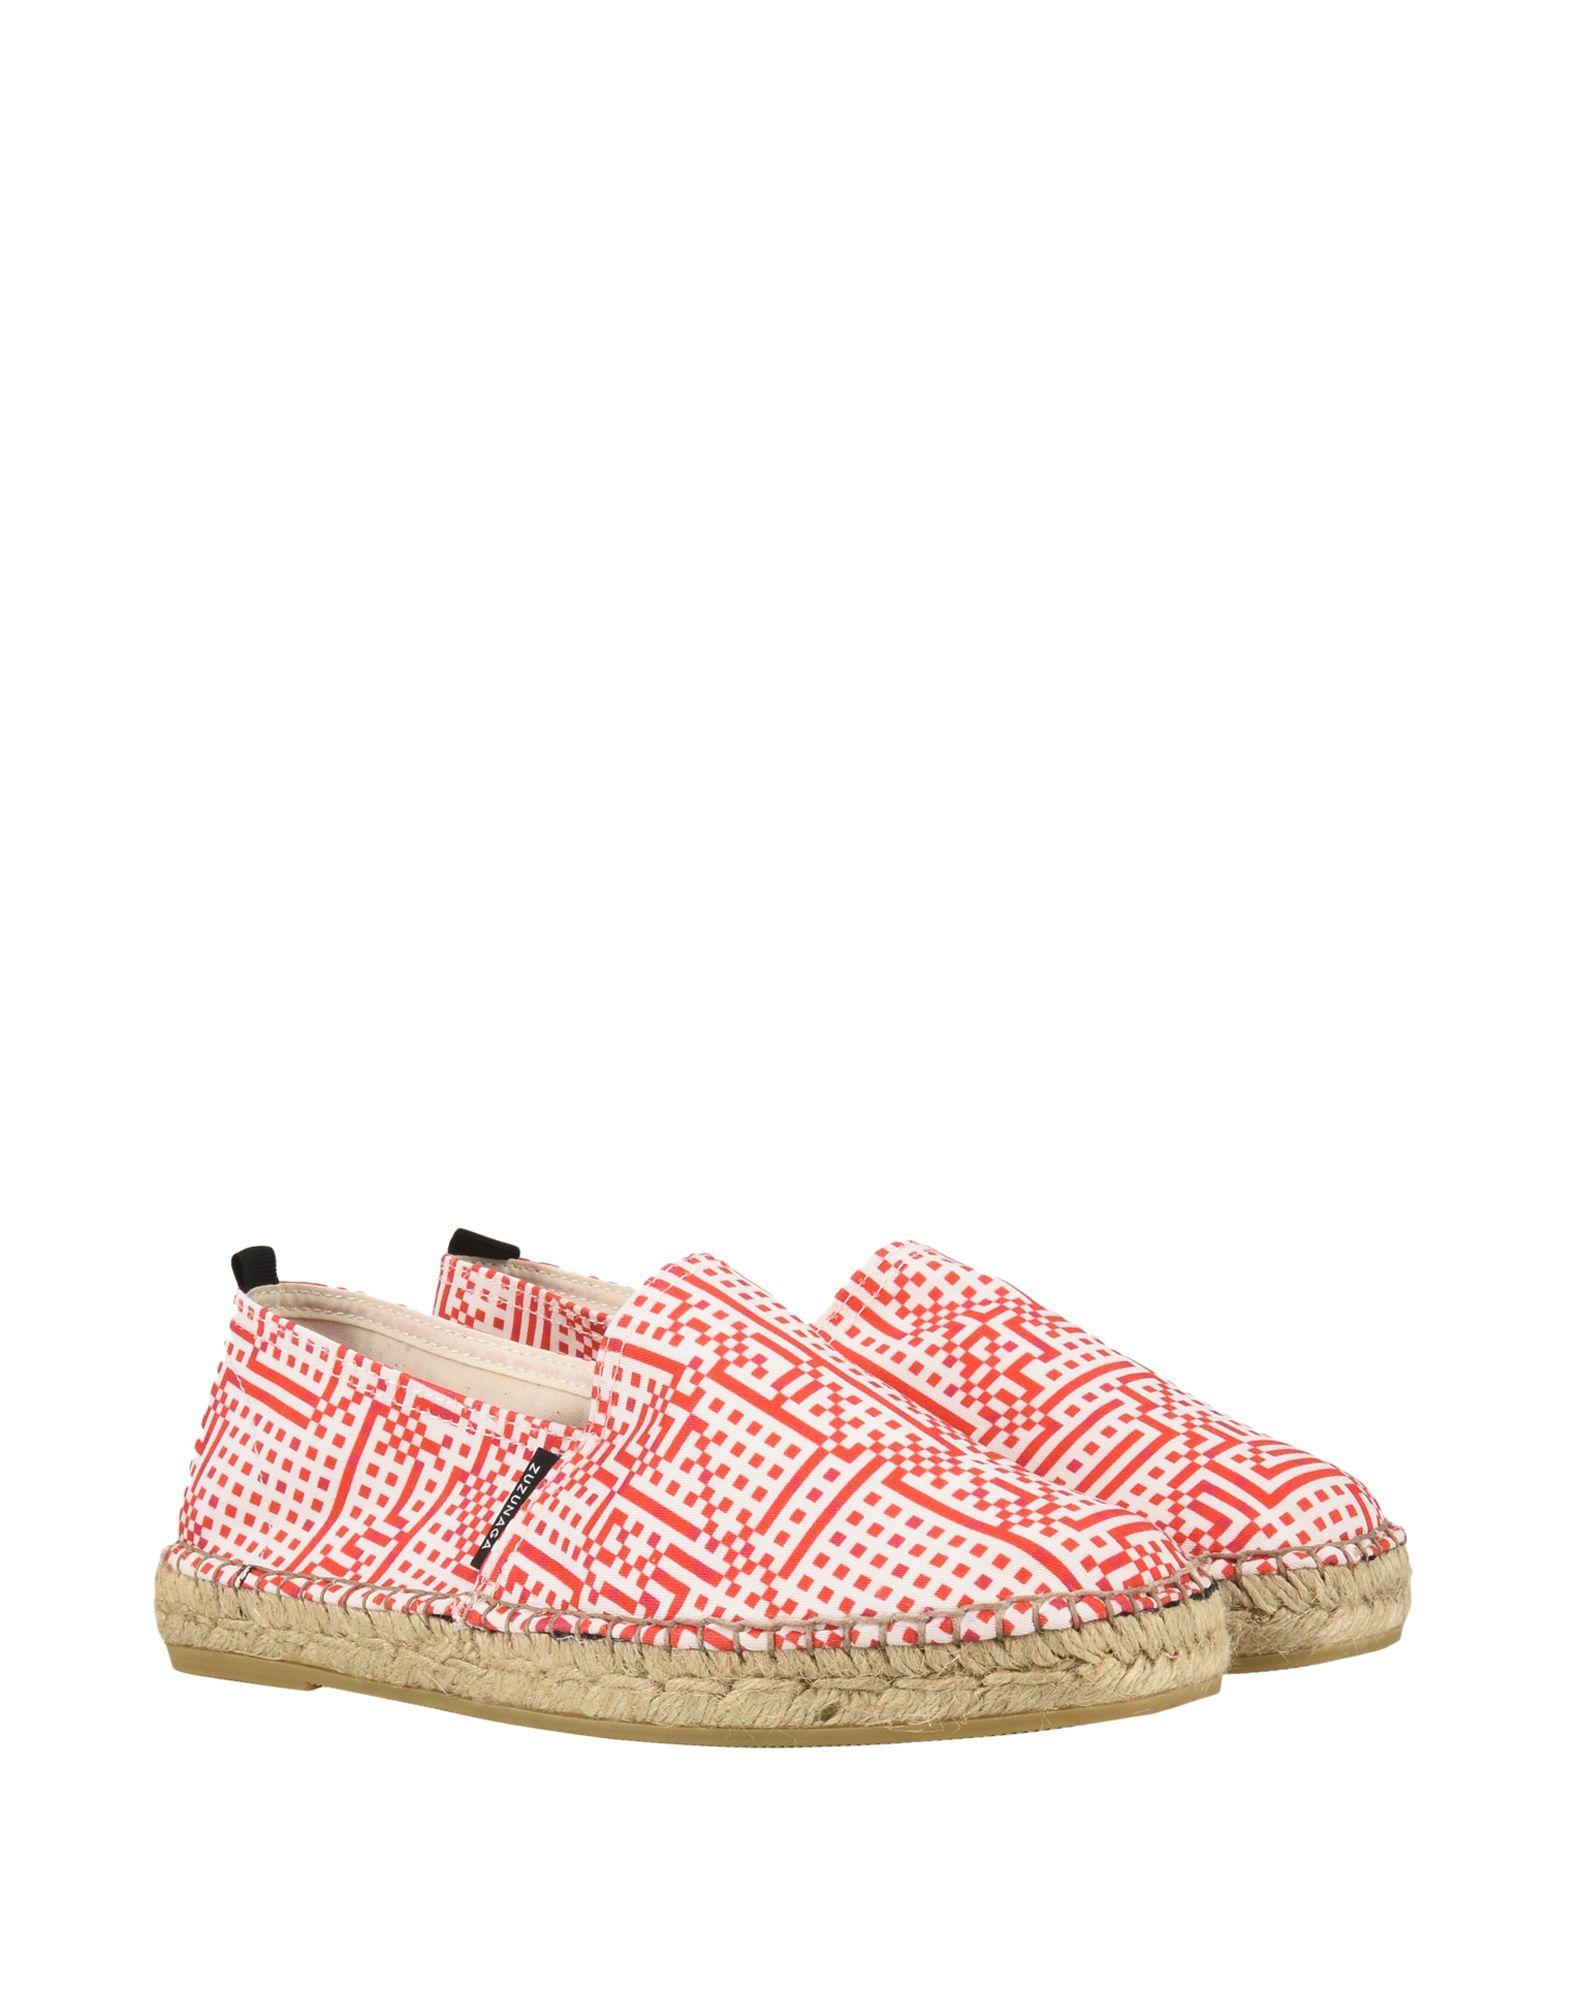 Zuzunaga Espadrilles Gute Damen 11279315IQ Gute Espadrilles Qualität beliebte Schuhe 55a33f